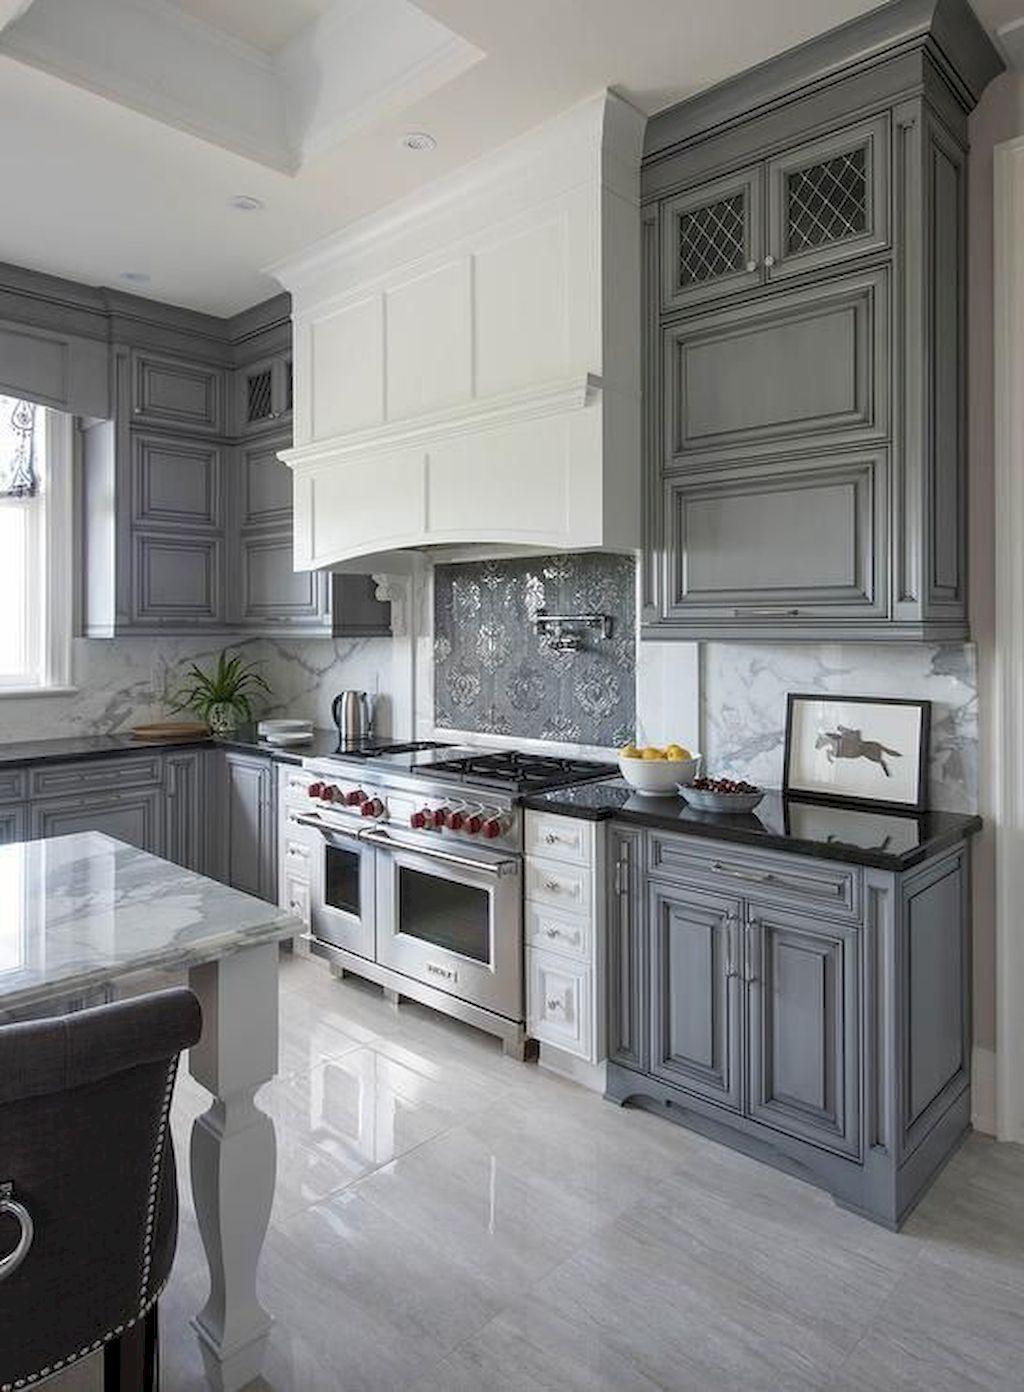 19 Gray Kitchen Cabinet Makeover Design Ideas Doitdecor Kitchen Cabinet Design Grey Kitchen Cabinets Grey Kitchens